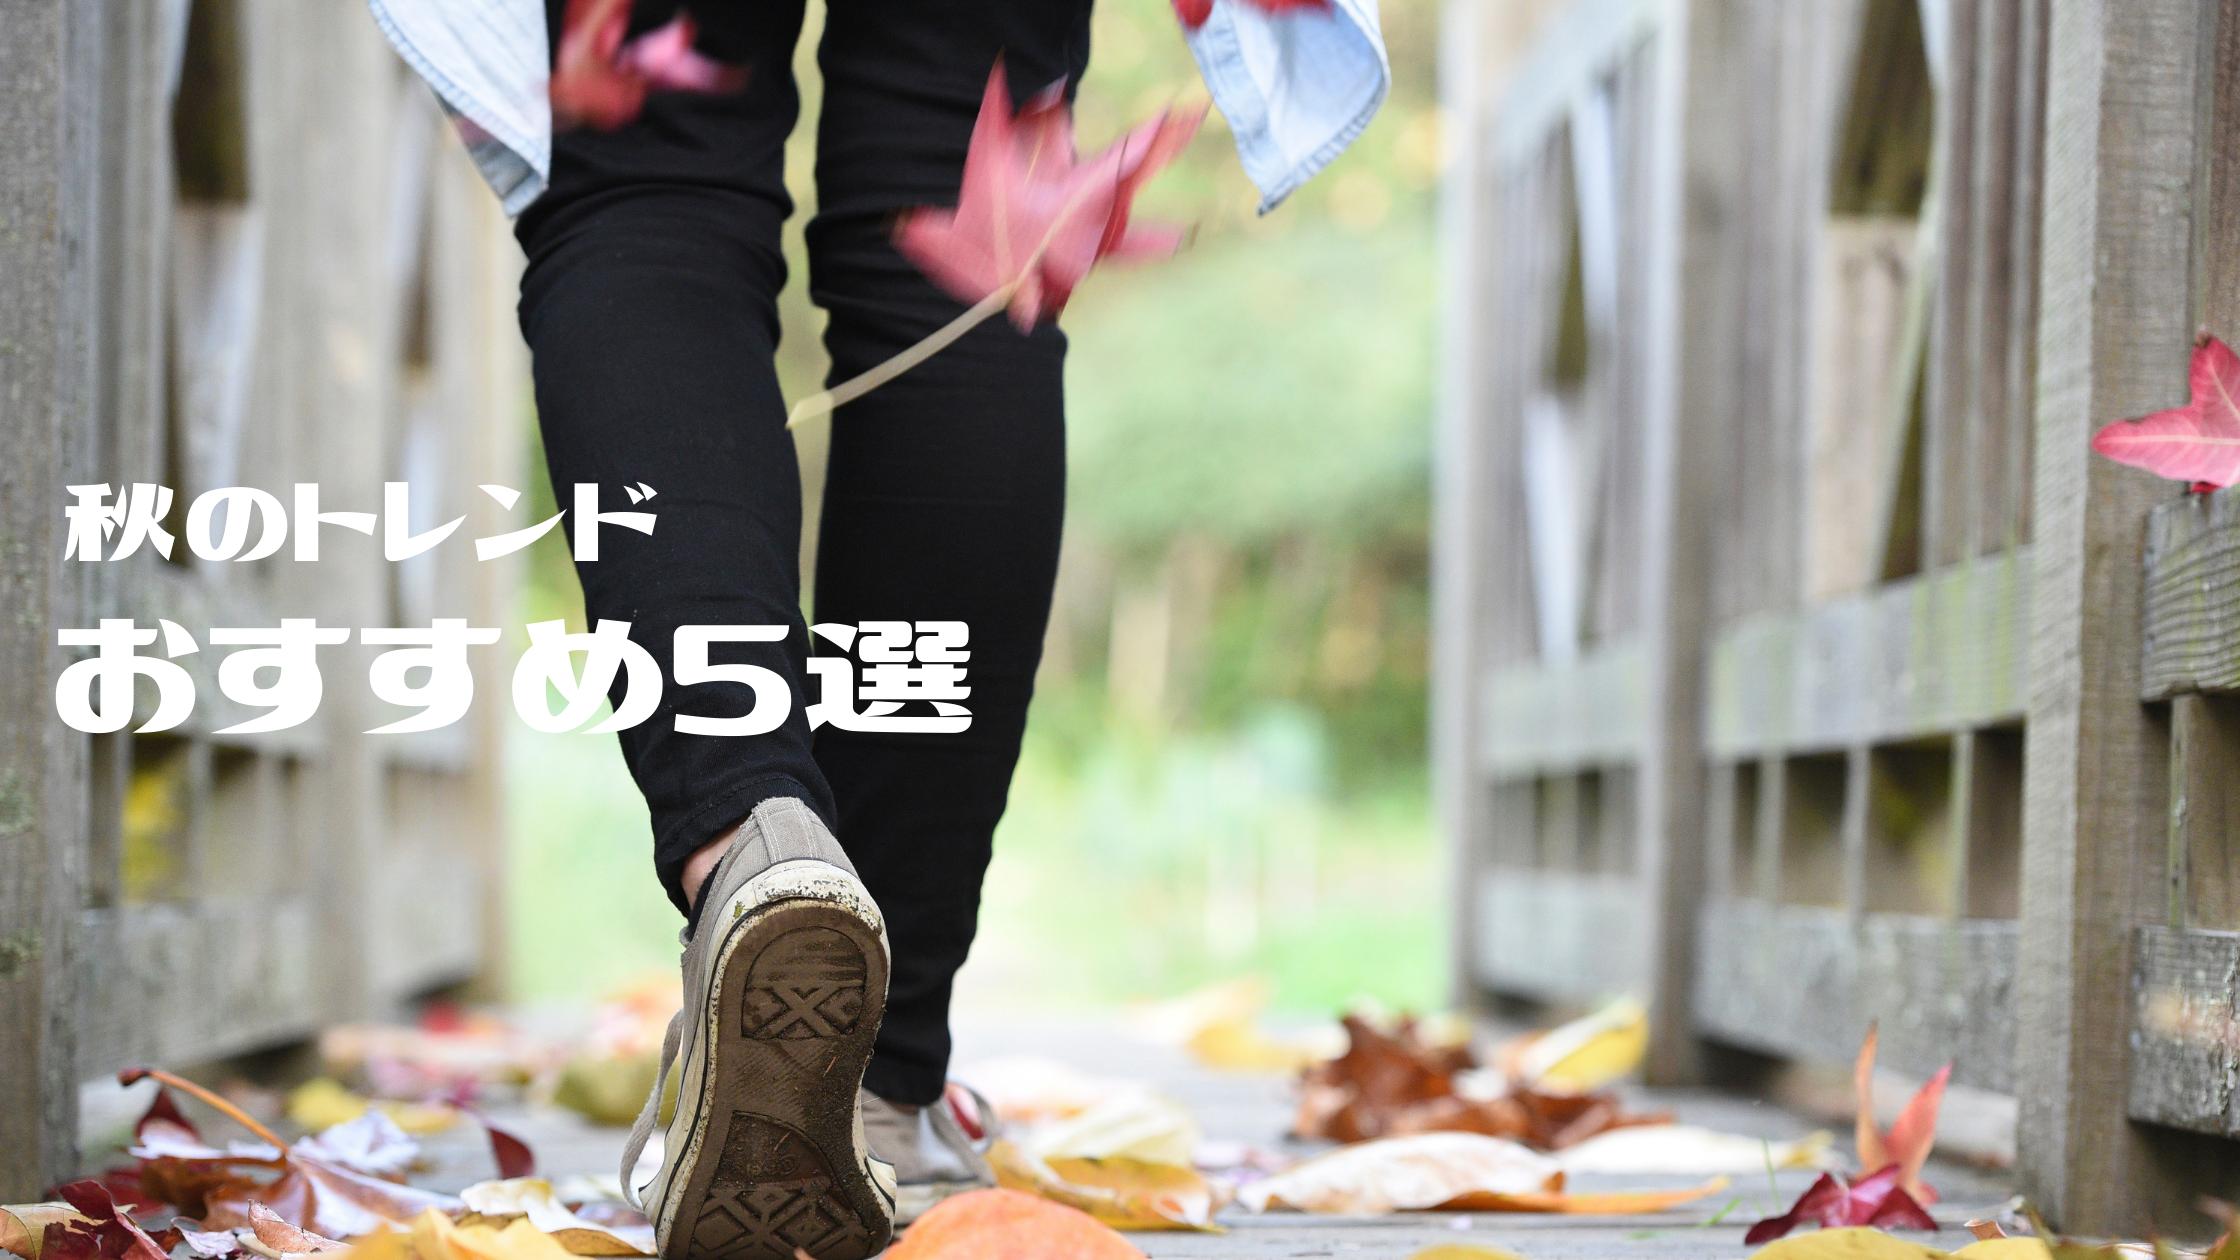 【ヒルナンデス】秋のトレンド フォトジェニックな『入浴剤』手のひらサイズの『エコバッグ』